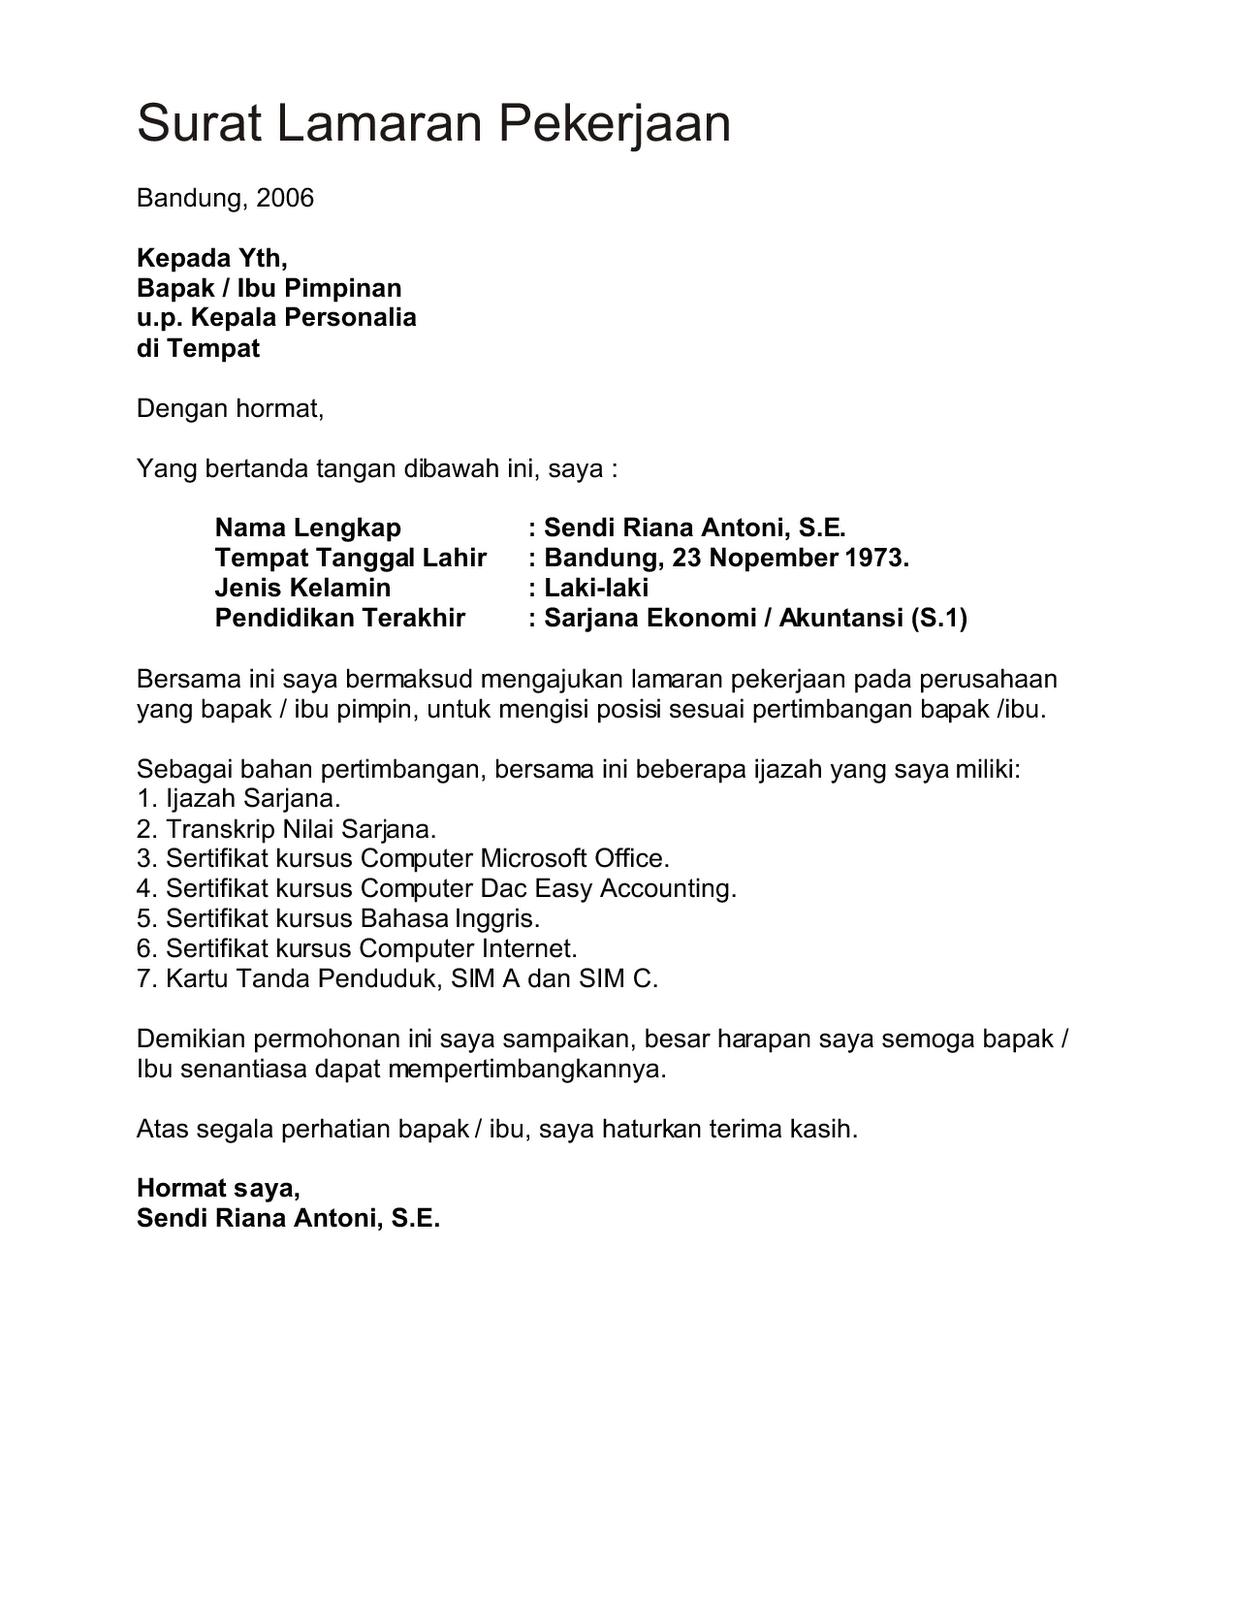 format surat lamaran kerja sederhana 2010 hal lamaran pekerjaan kepada